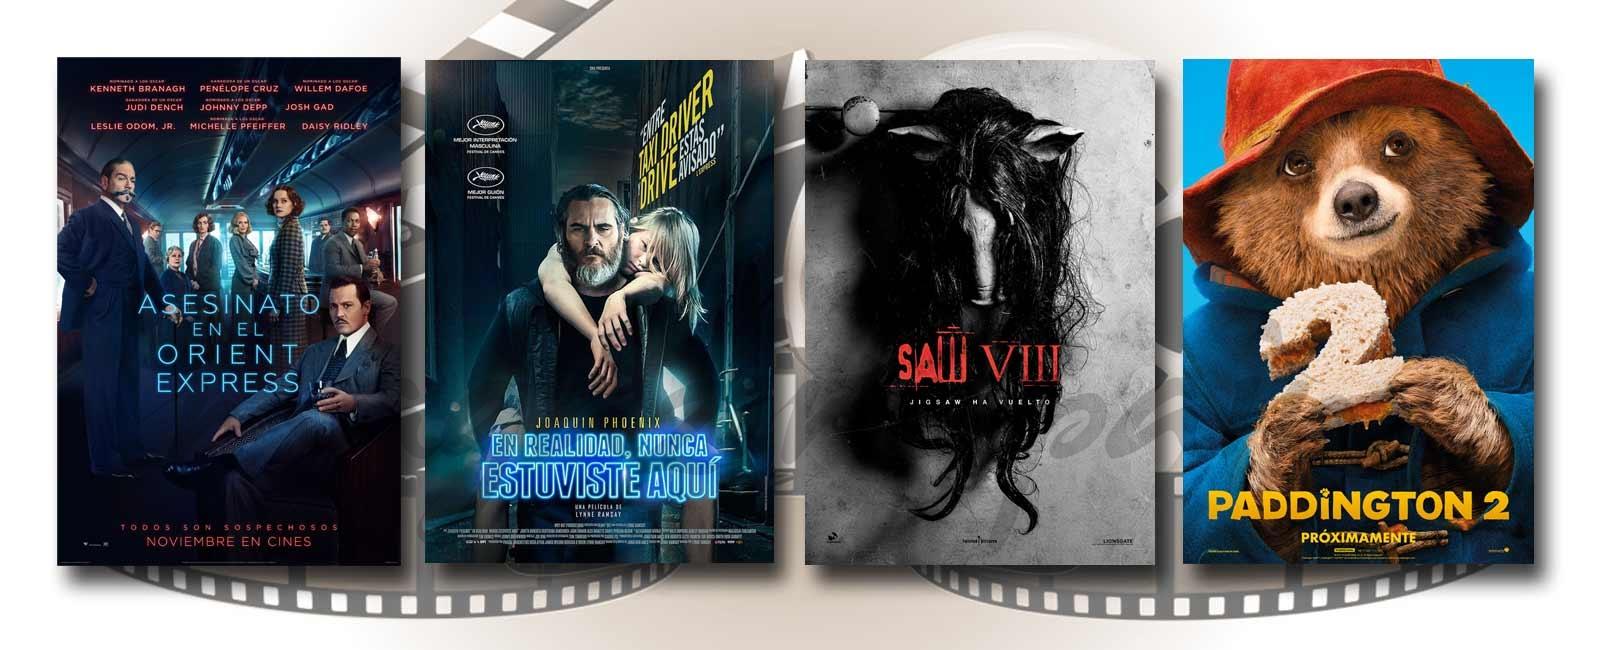 Estrenos de Cine de la Semana… 24 de Noviembre 2017